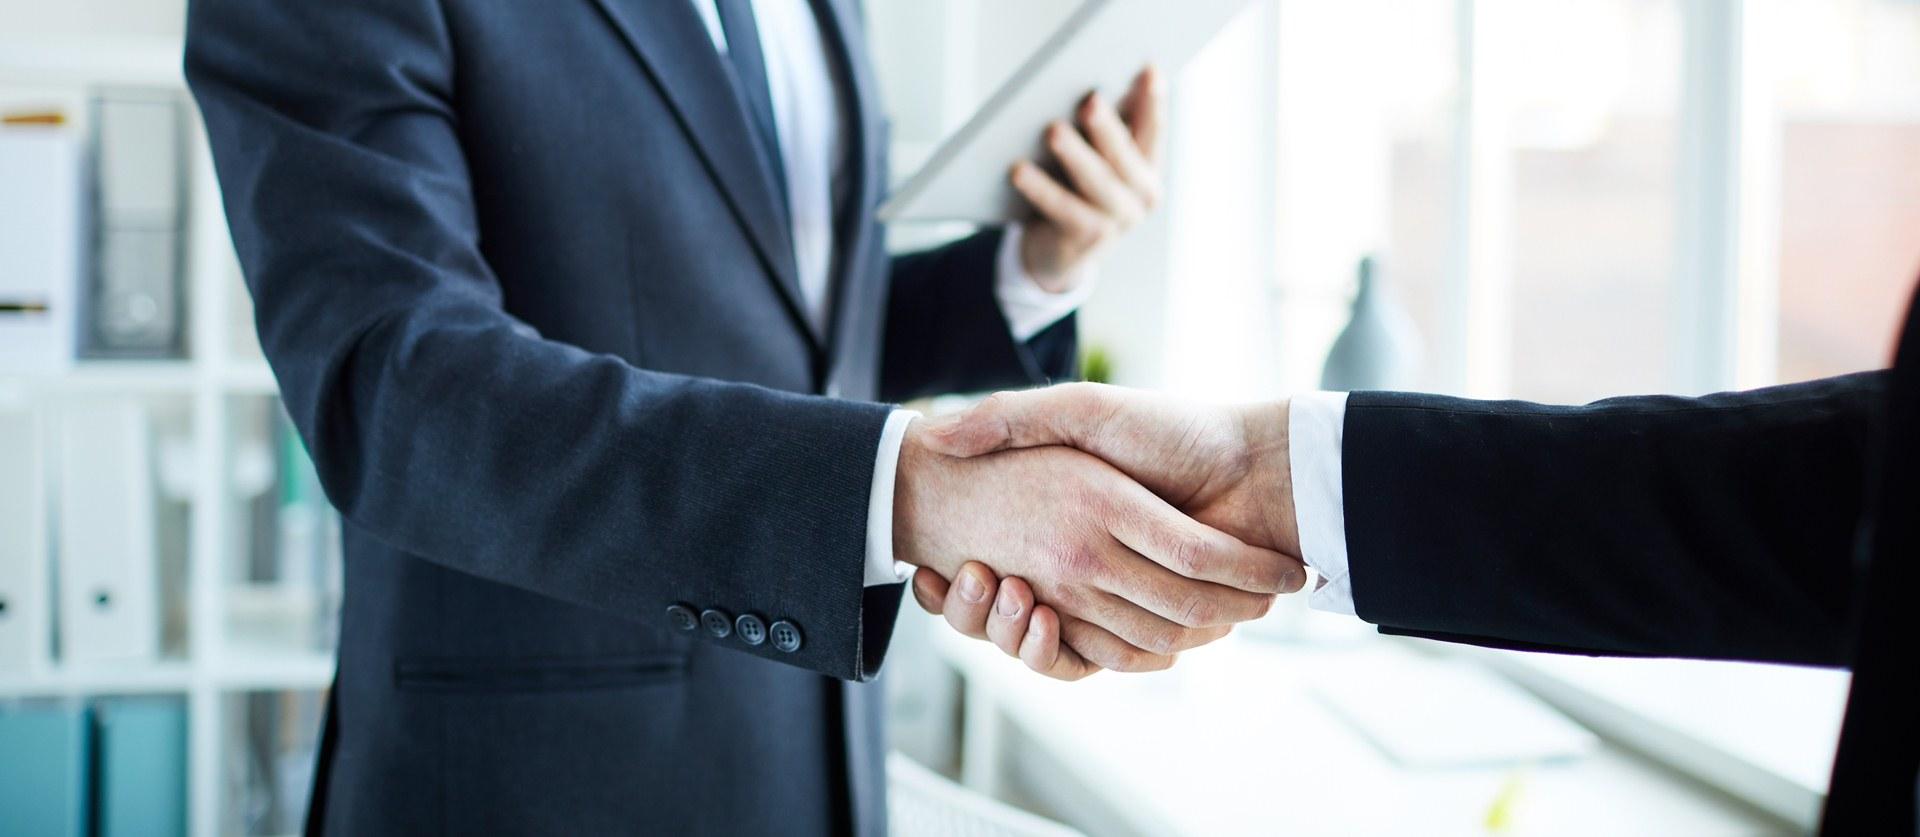 Skuteczne techniki negocjacji